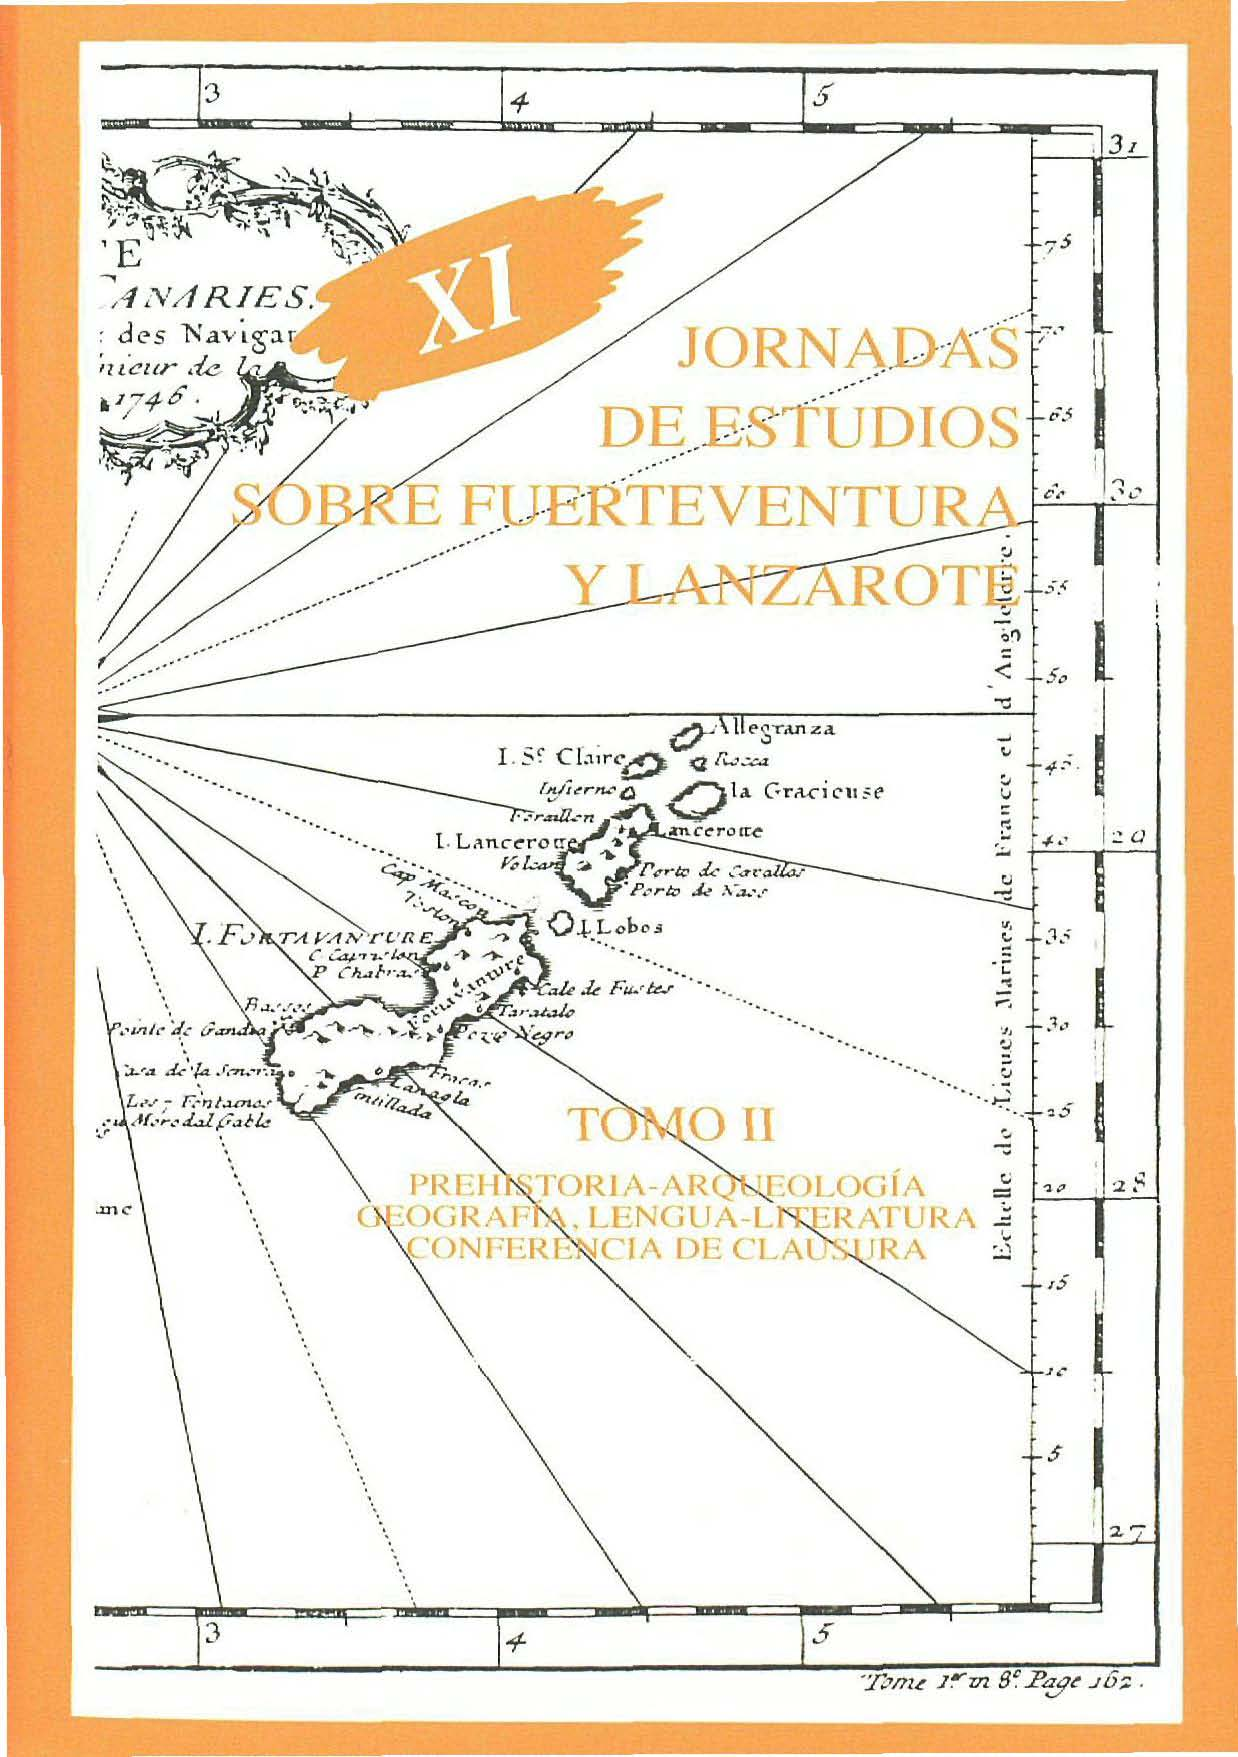 La variante hispánica de la literatura canaria en Fuerteventura y Lanzarote